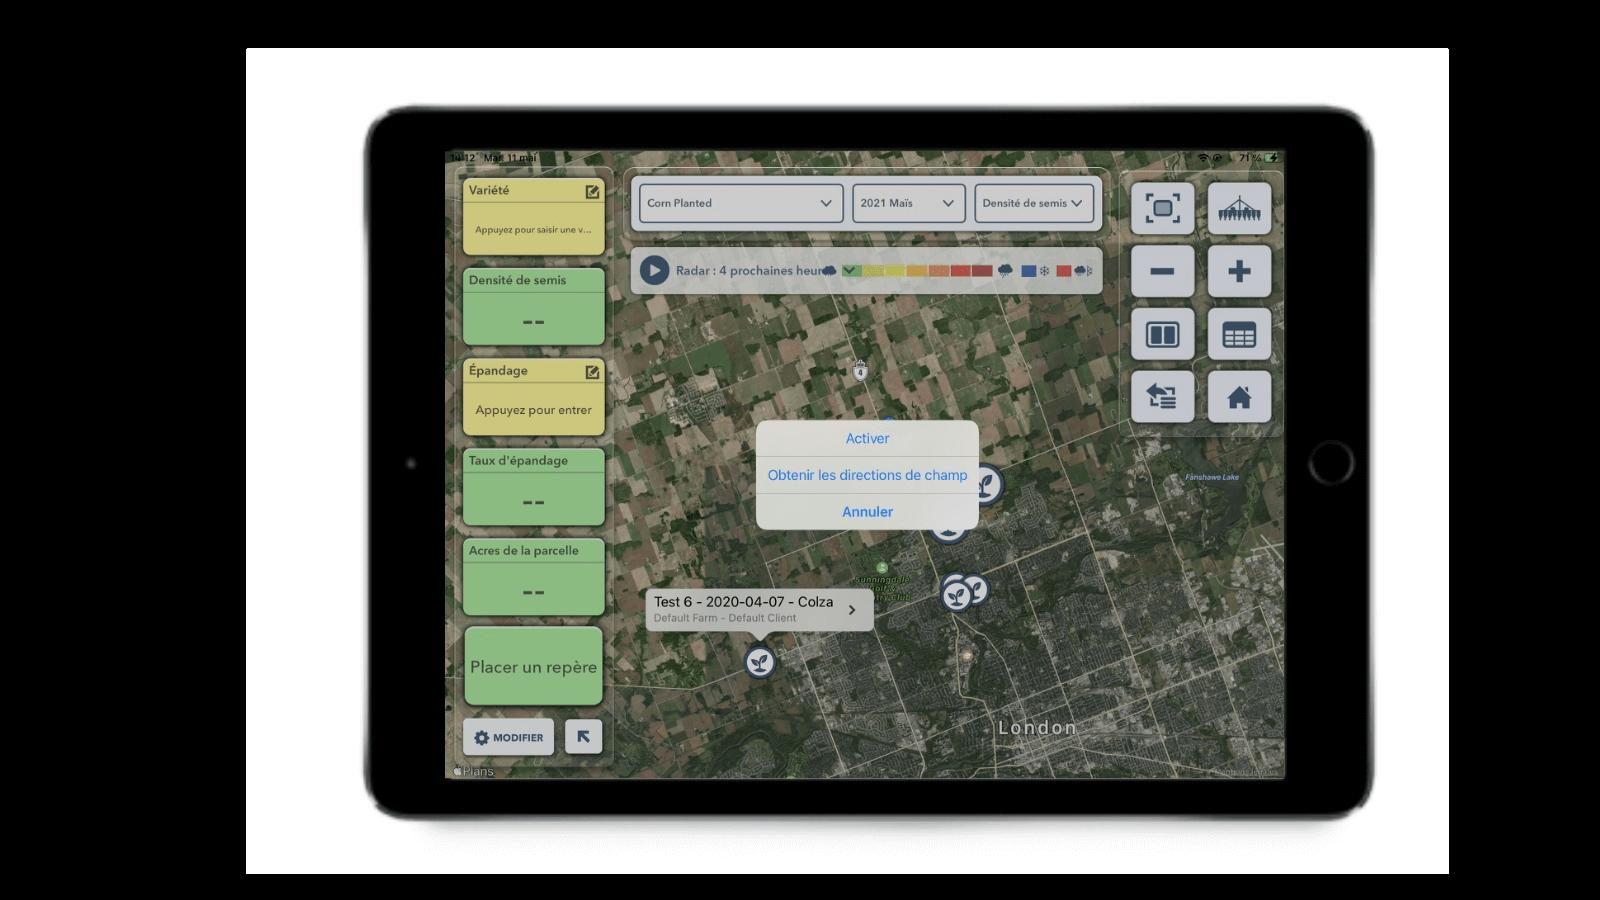 L'application FieldView Cab, ouverte au menu montrant l'option « Obtenir les directions de champ ».